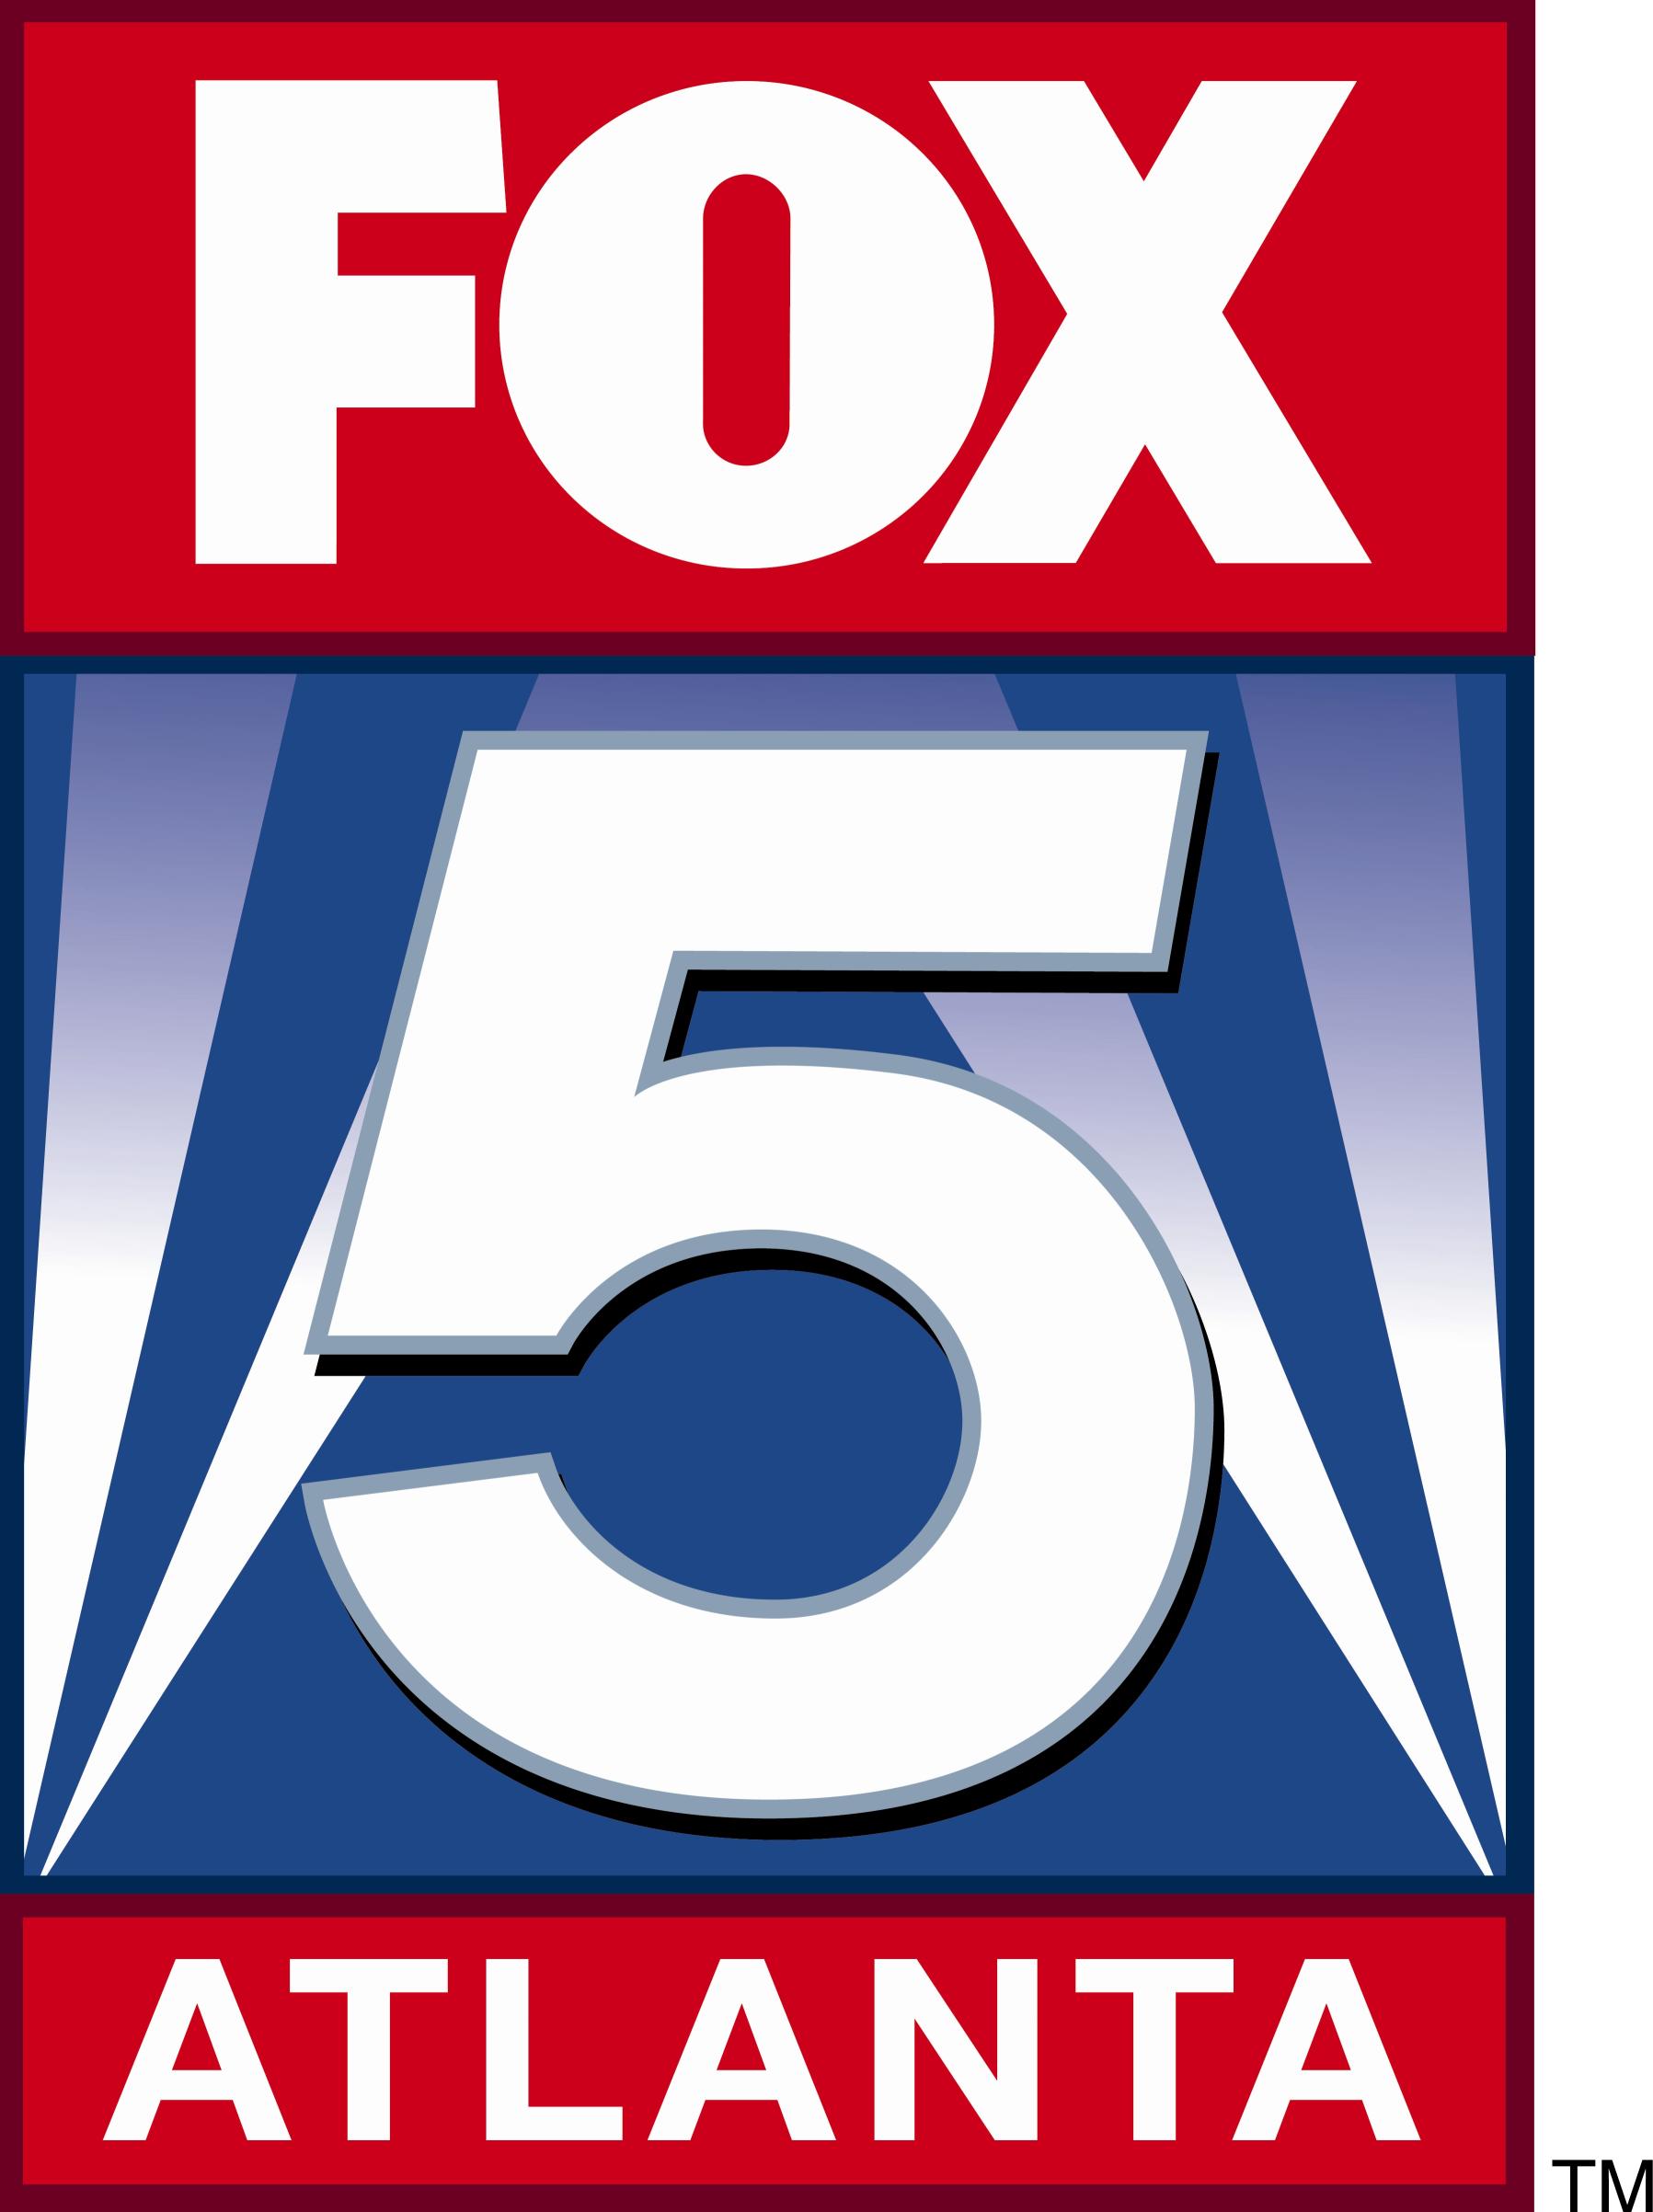 Fox_5_Atlanta.png